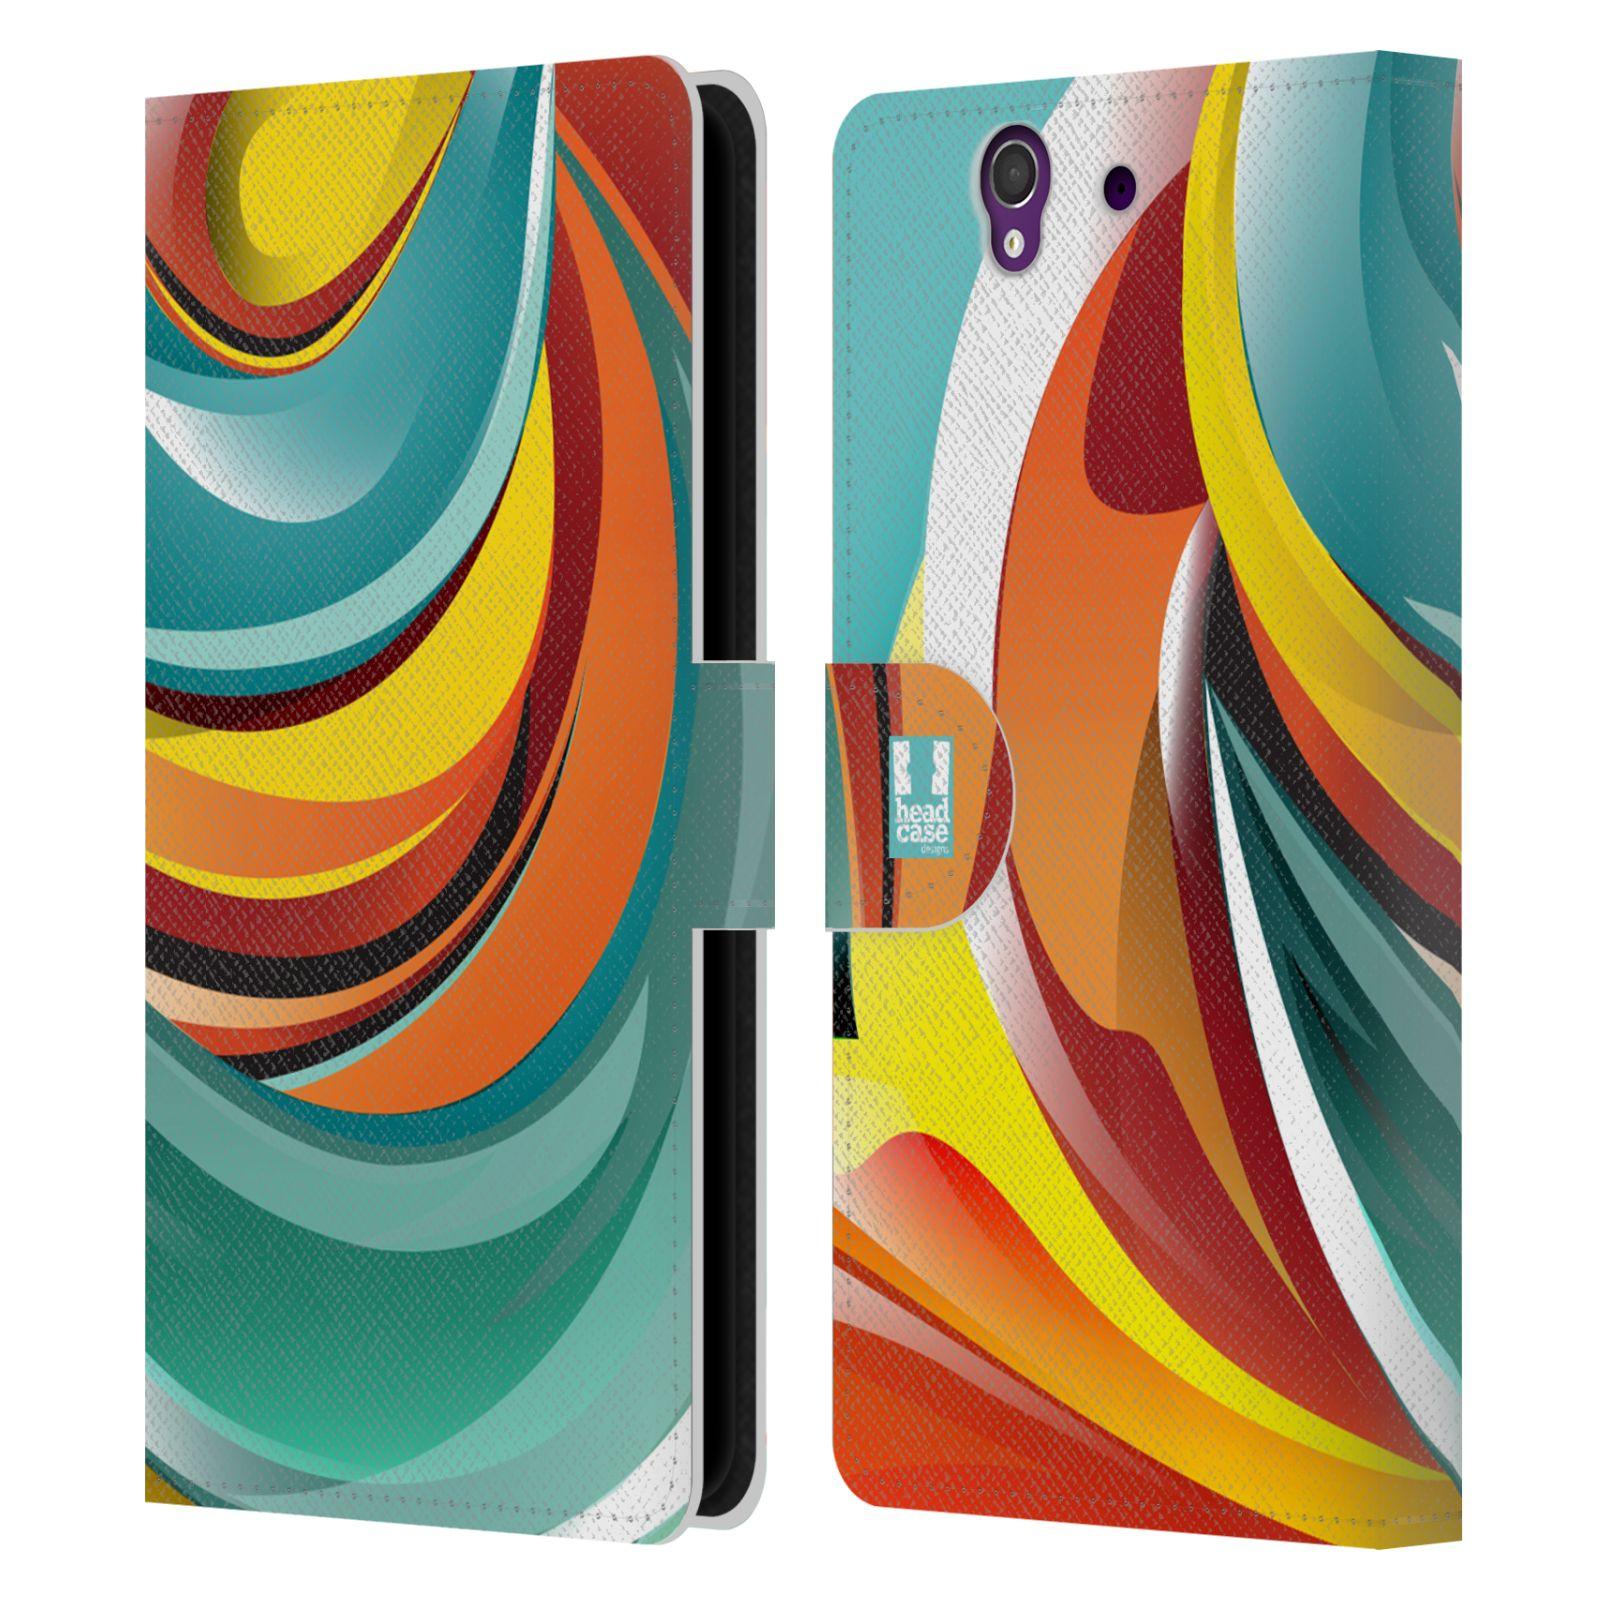 HEAD CASE Flipové pouzdro pro mobil SONY XPERIA Z (C6603) barevný mramor oranžová a modrá